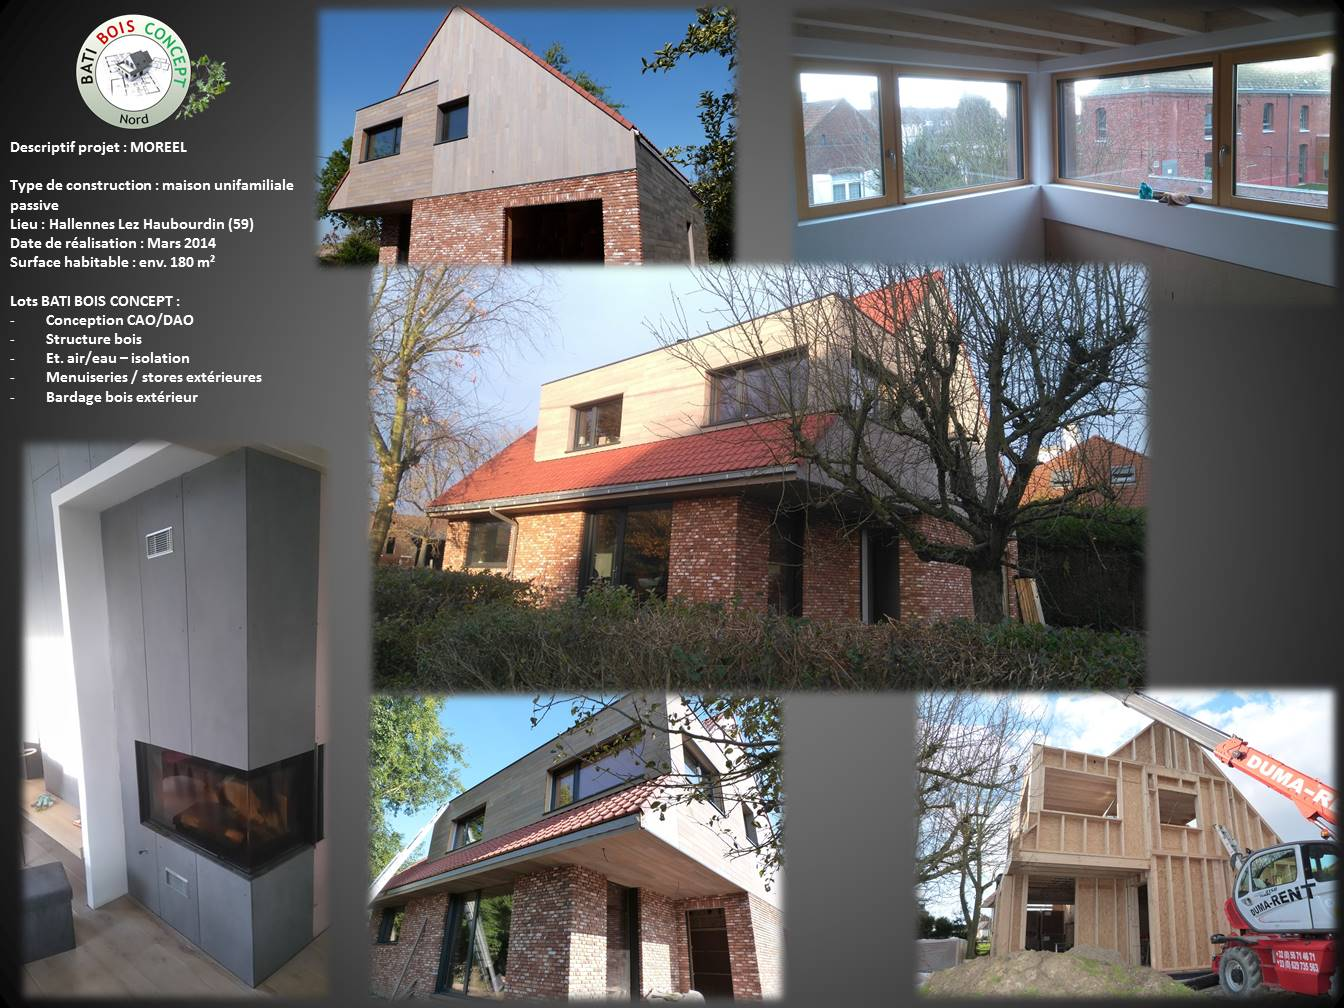 Maison basse énergie  Nord (59)  Hallennes Lez  ~ Bois Energie Nord